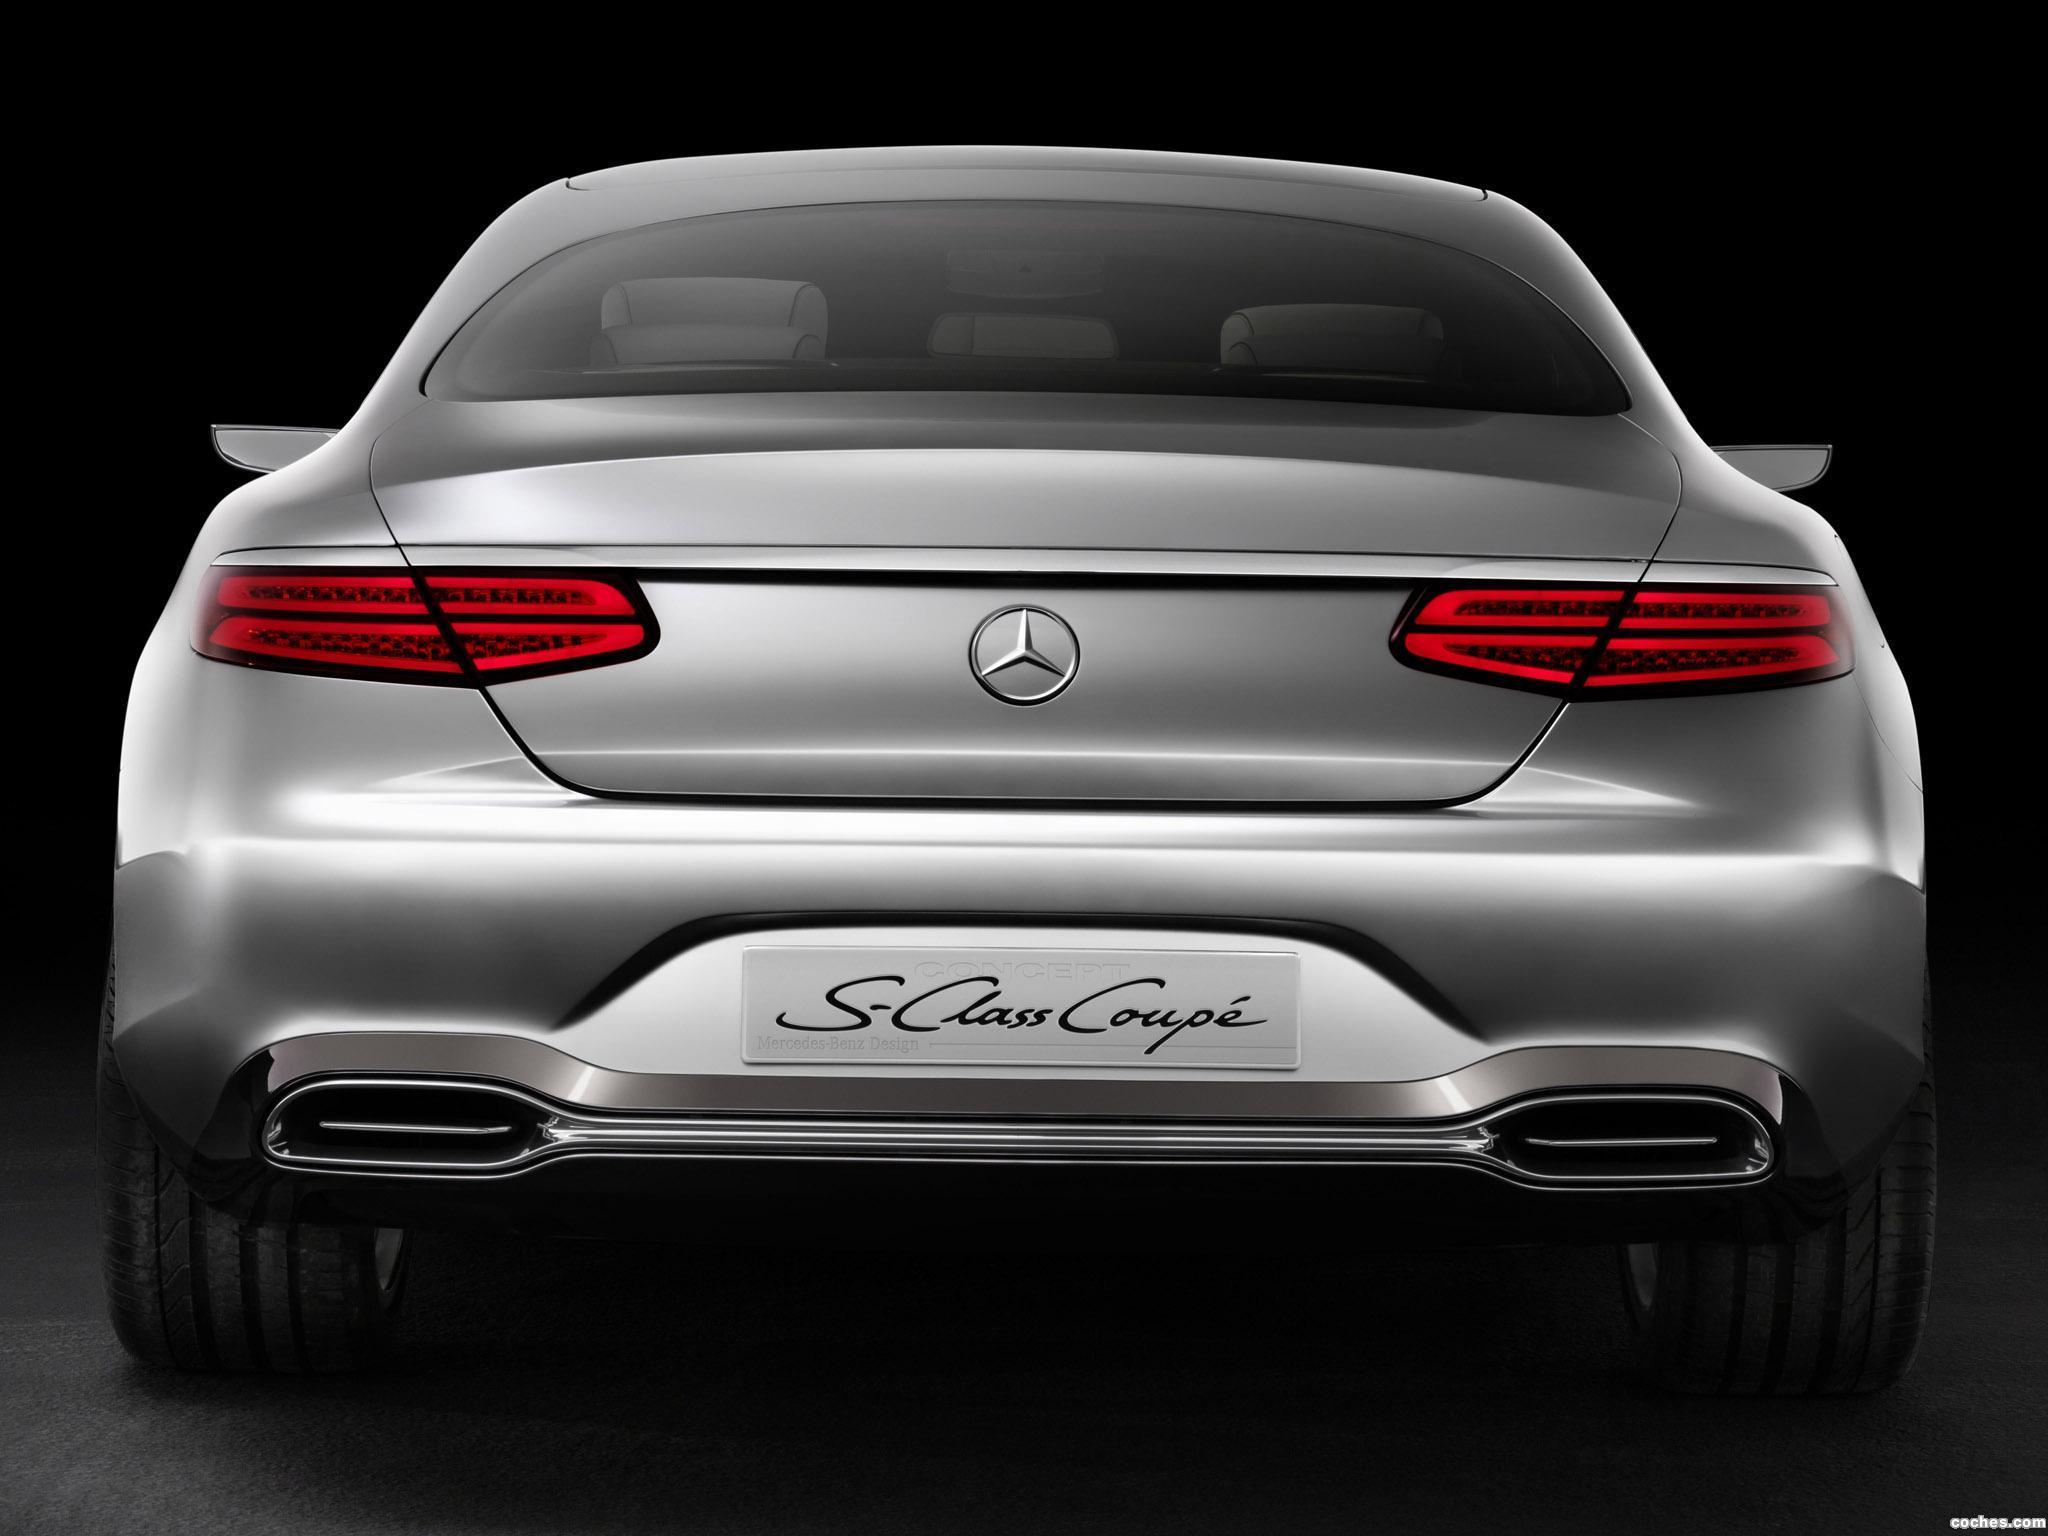 Foto 11 de Mercedes Clase S Coupe Concept 2013